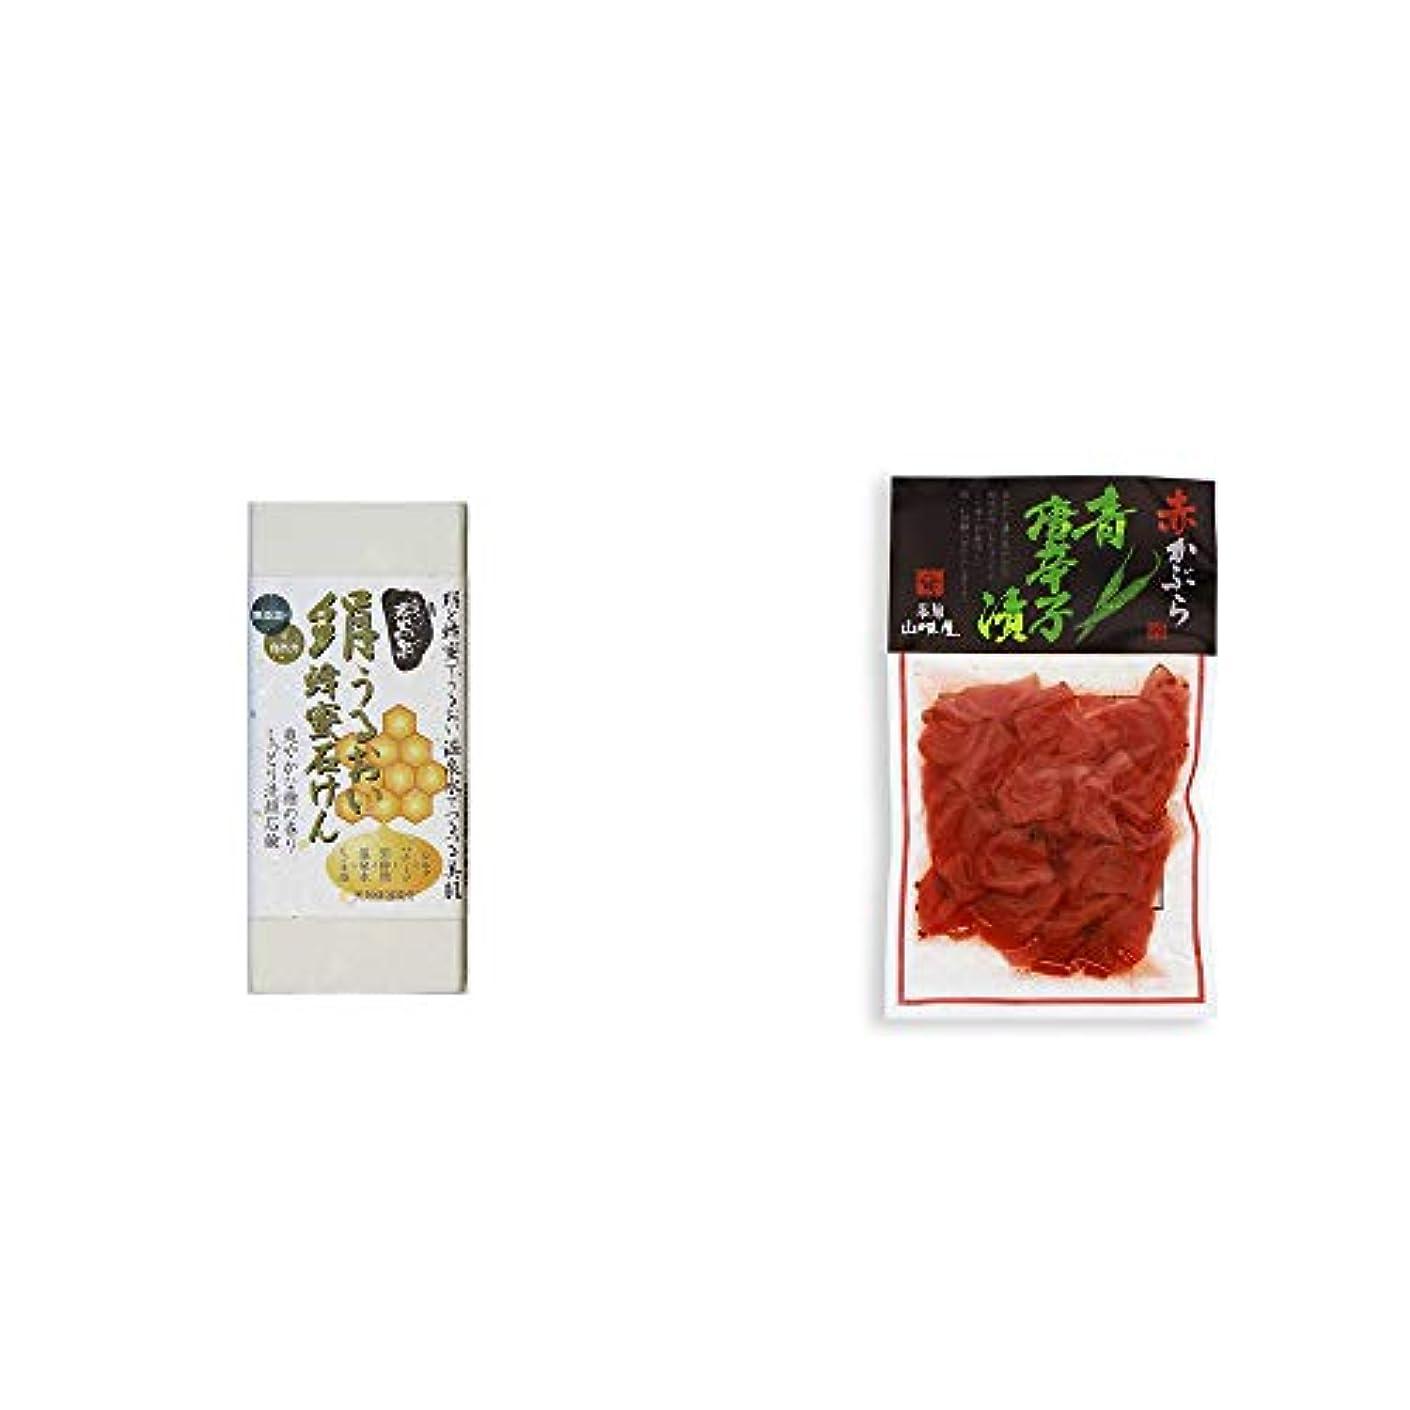 アンケート十分なまたはどちらか[2点セット] ひのき炭黒泉 絹うるおい蜂蜜石けん(75g×2)?飛騨山味屋 赤かぶら 青唐辛子漬(140g)